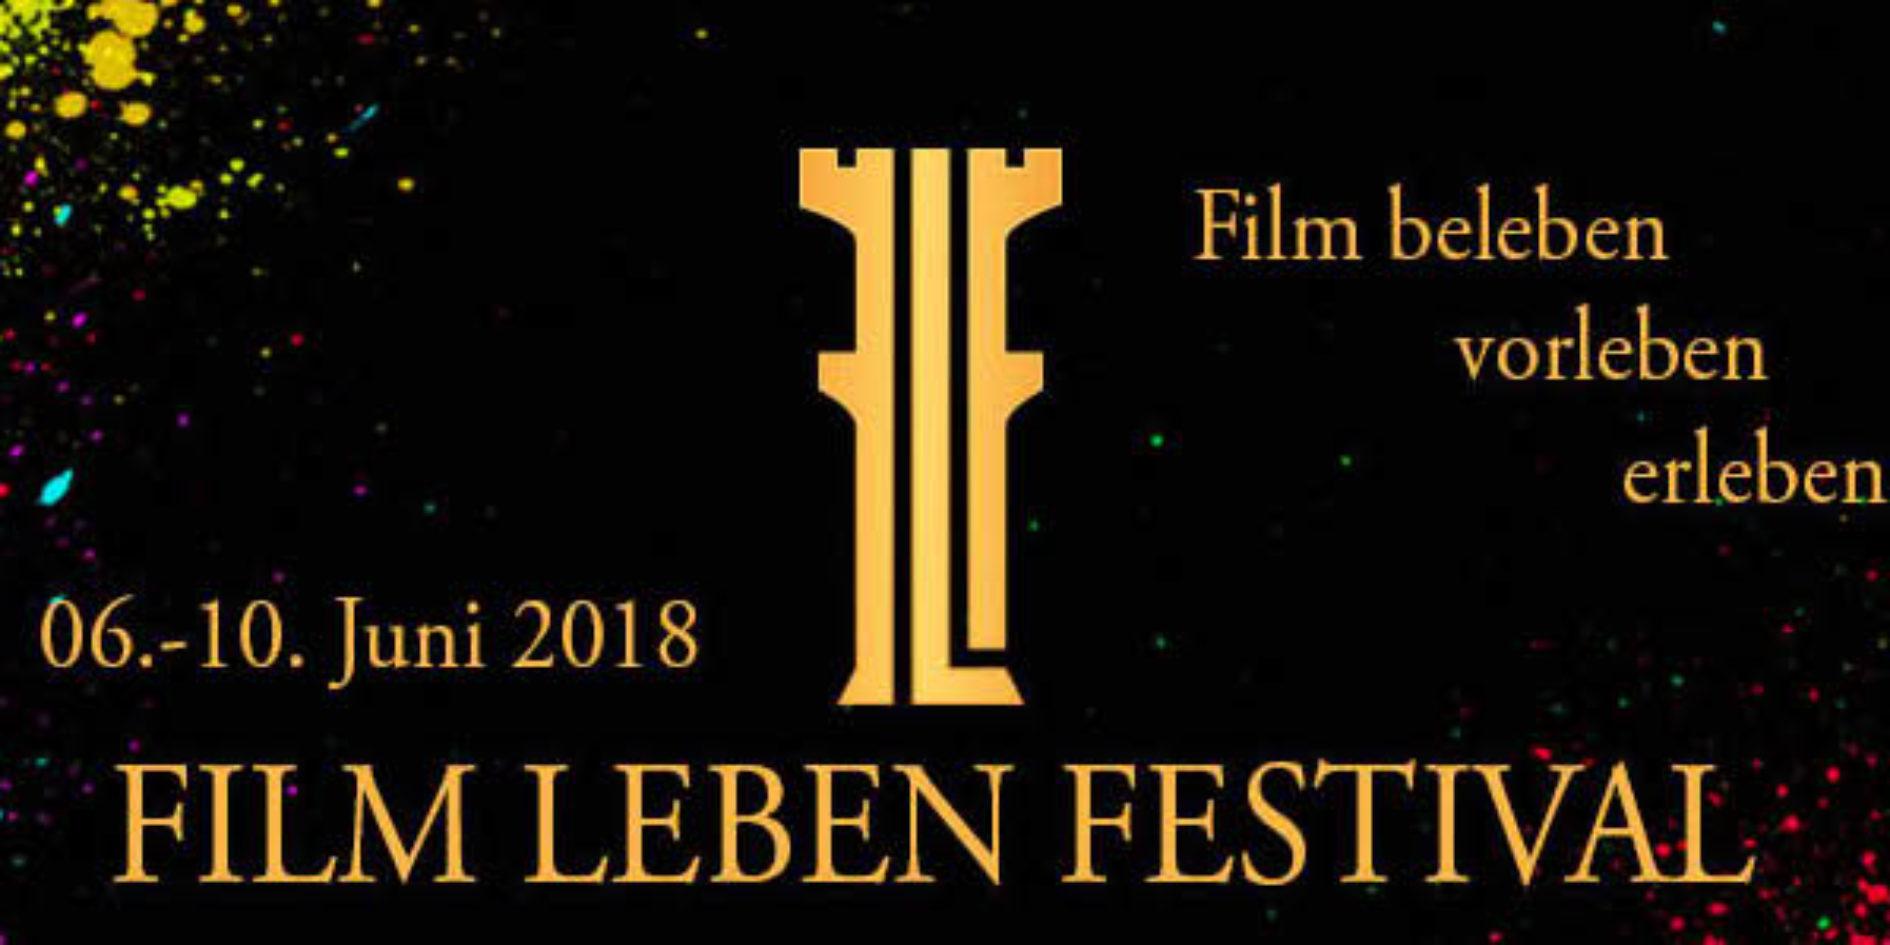 film leben festival allemagne